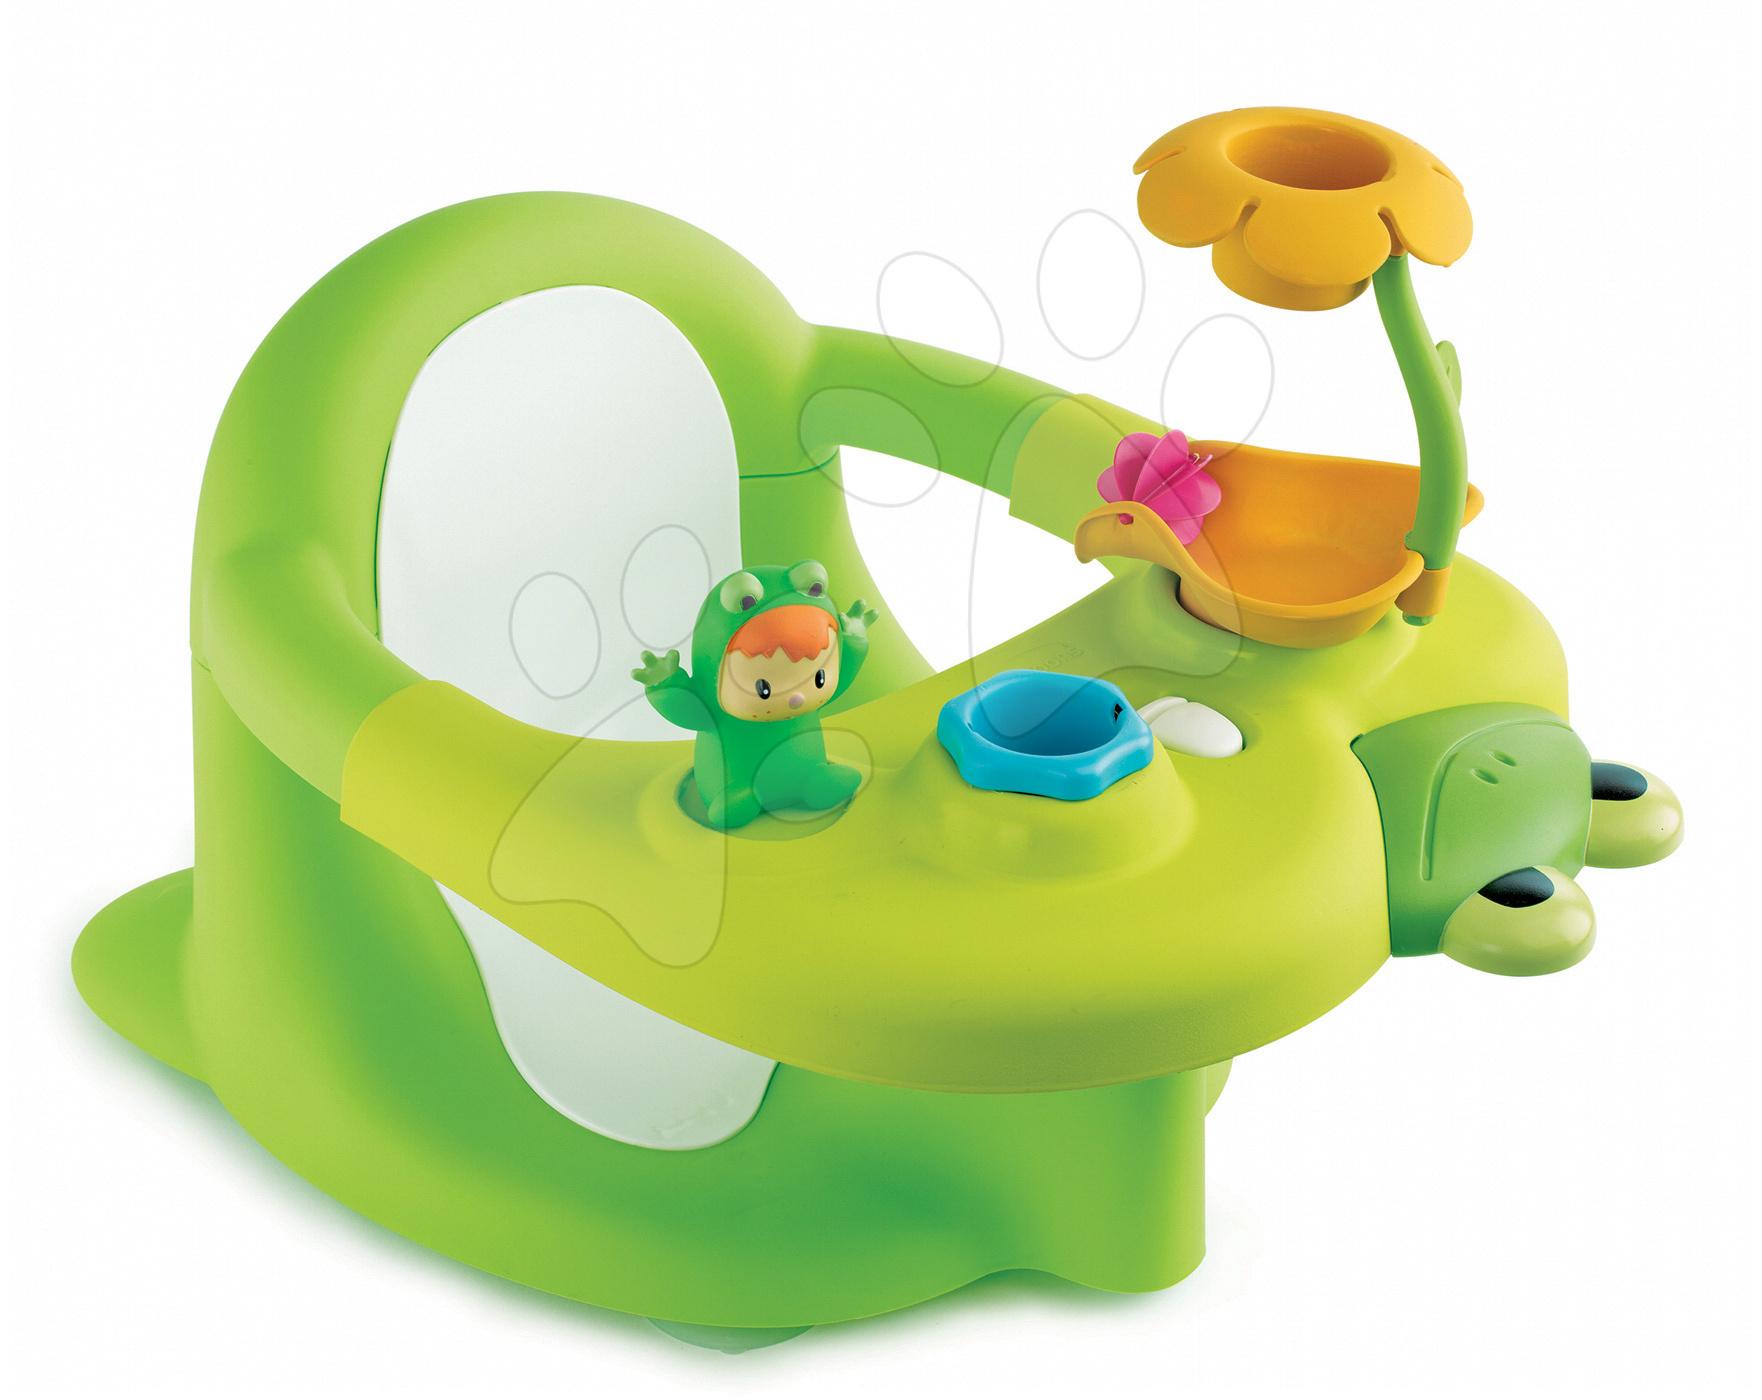 Sedátko Žába do vody Cotoons Smoby zelené od 6 měsíců